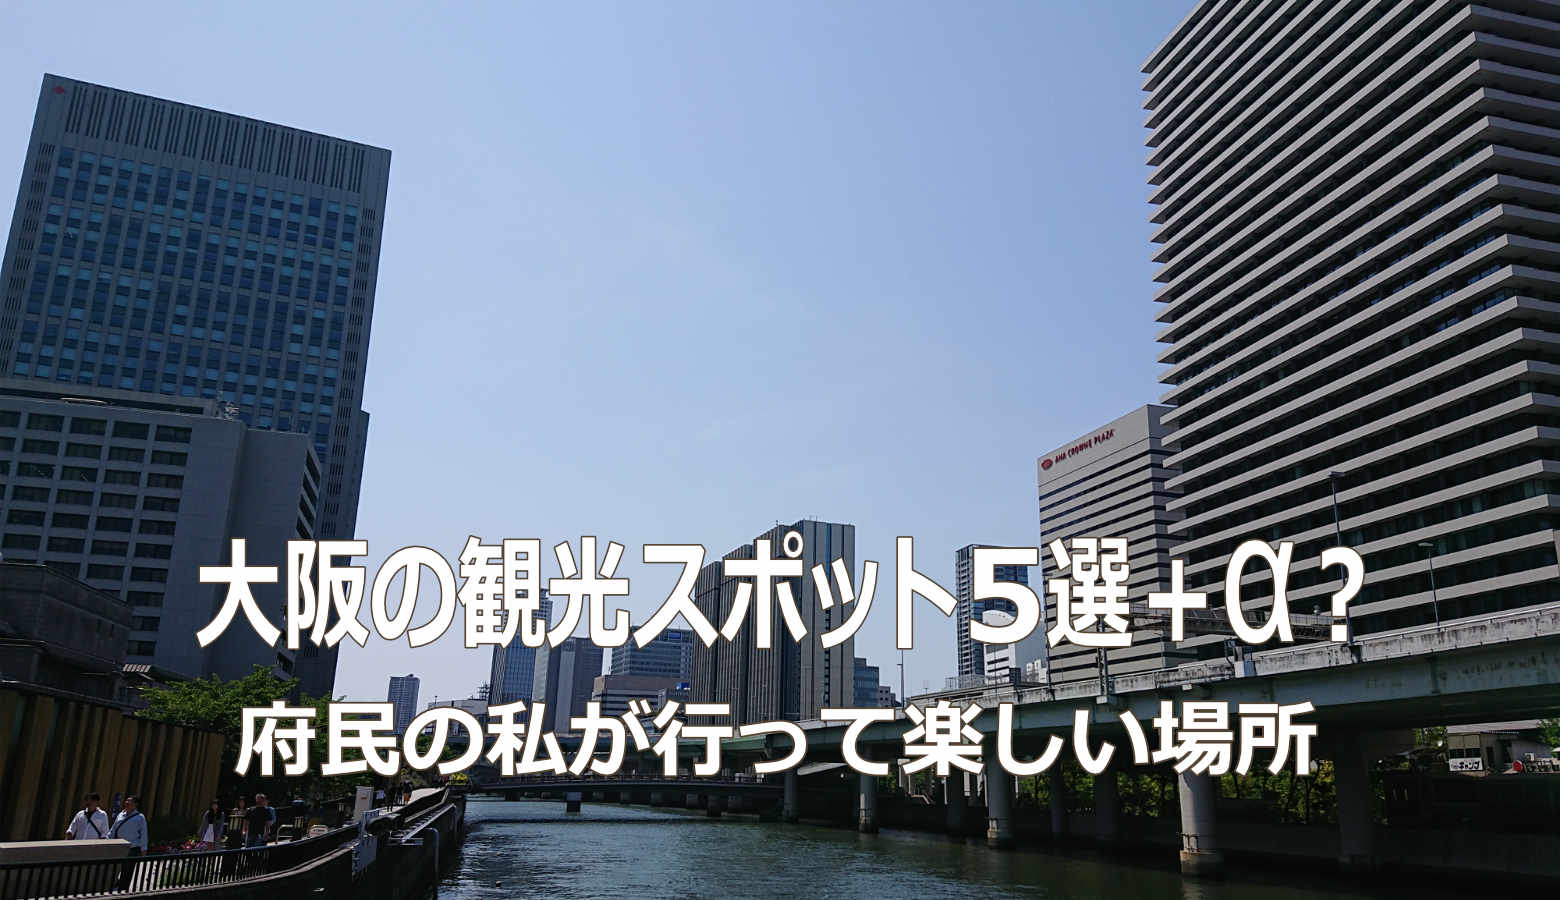 大阪の観光スポット